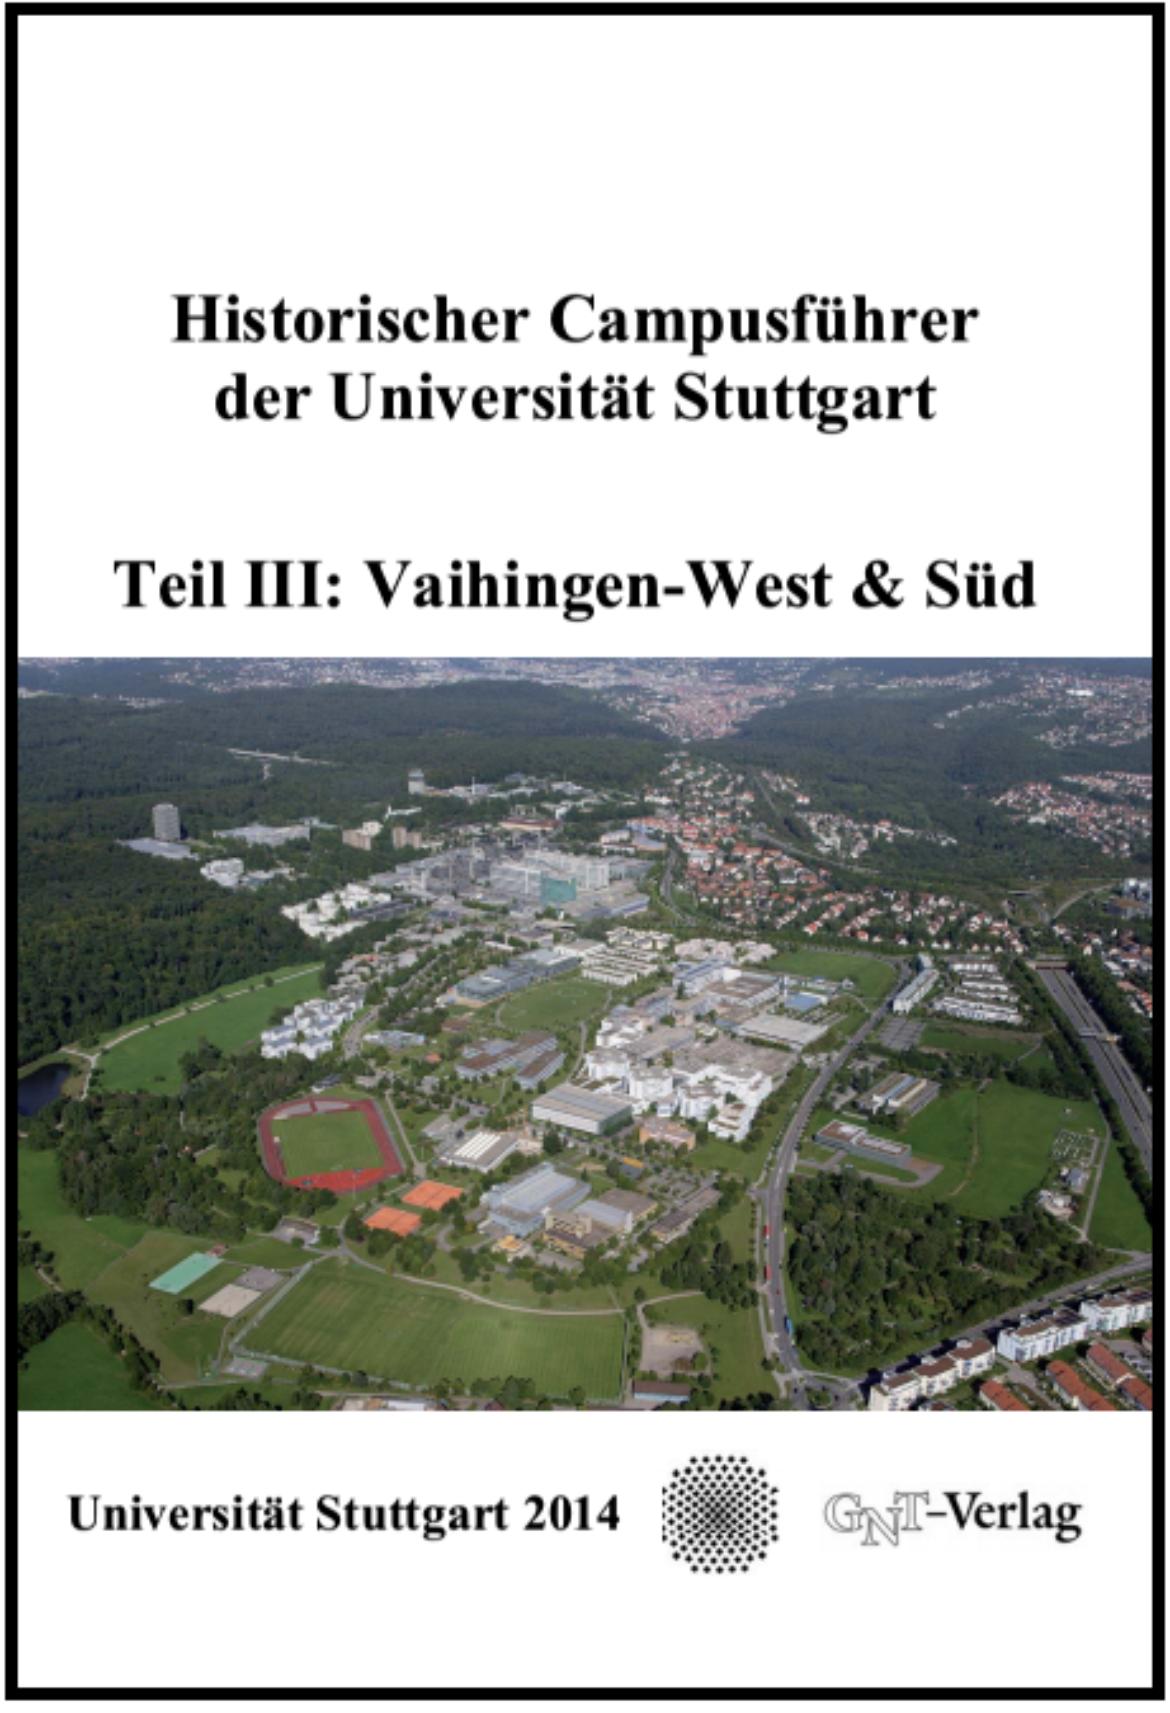 Historischer Campusführer der Universität Stuttgart, Teil III: Vaihingen-West und Süd.